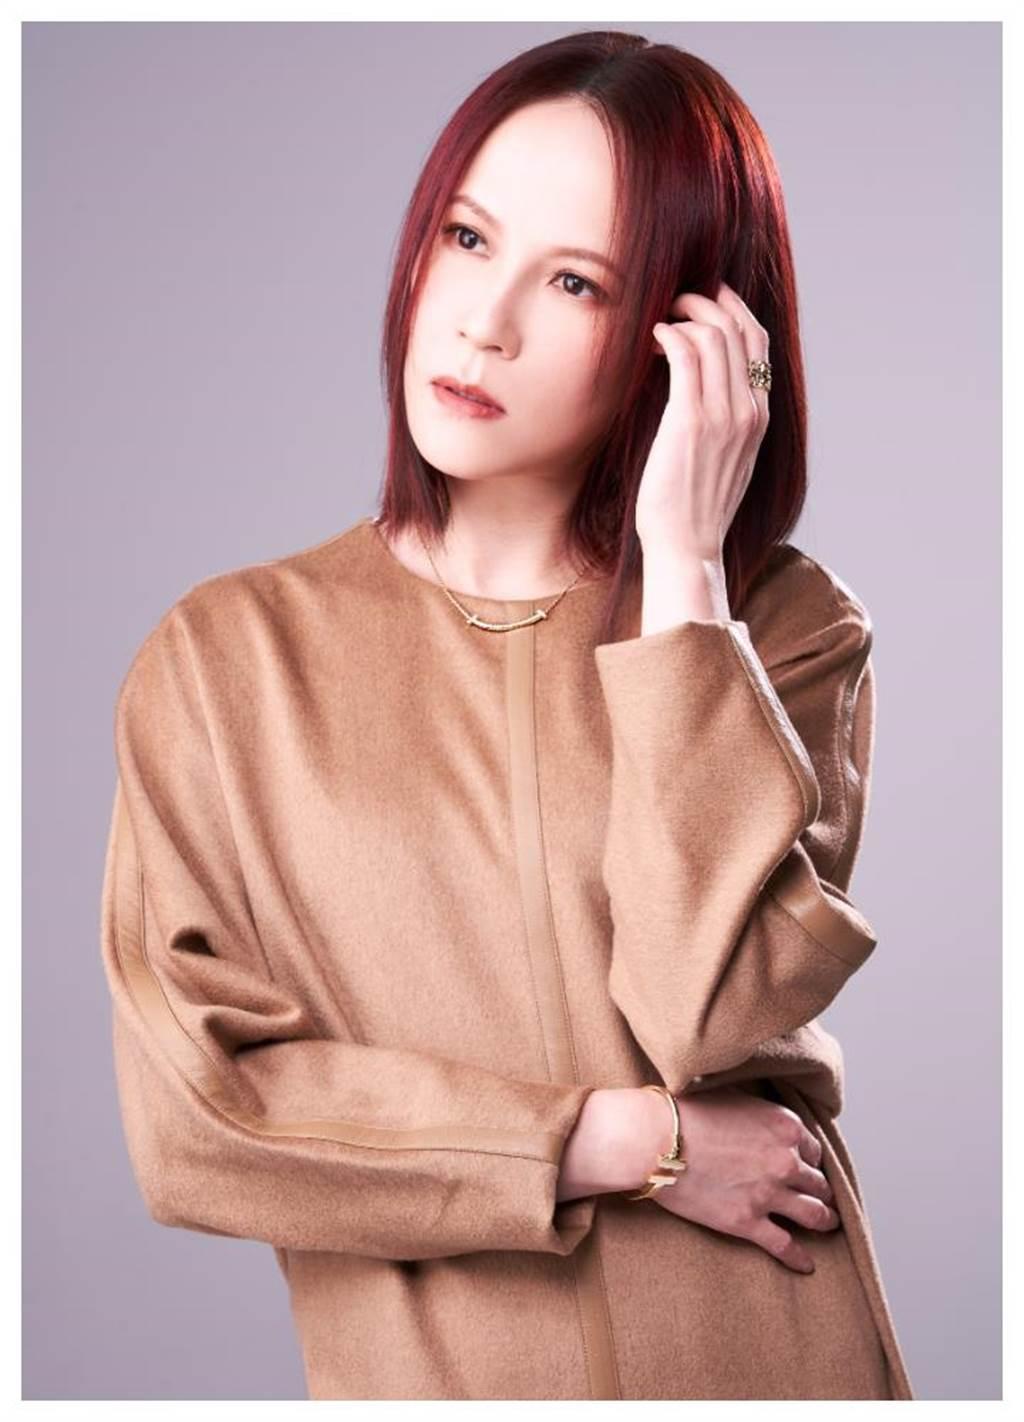 楊乃文自謙「不美麗但還OK」,新專輯《愈美麗愈看不見》對美有一番新見解,佩戴Tiffany & Co.暢銷「Tiffany T」系列珠寶,展現個性美。(JOJ PHOTO攝,服裝提供/MaxMara)